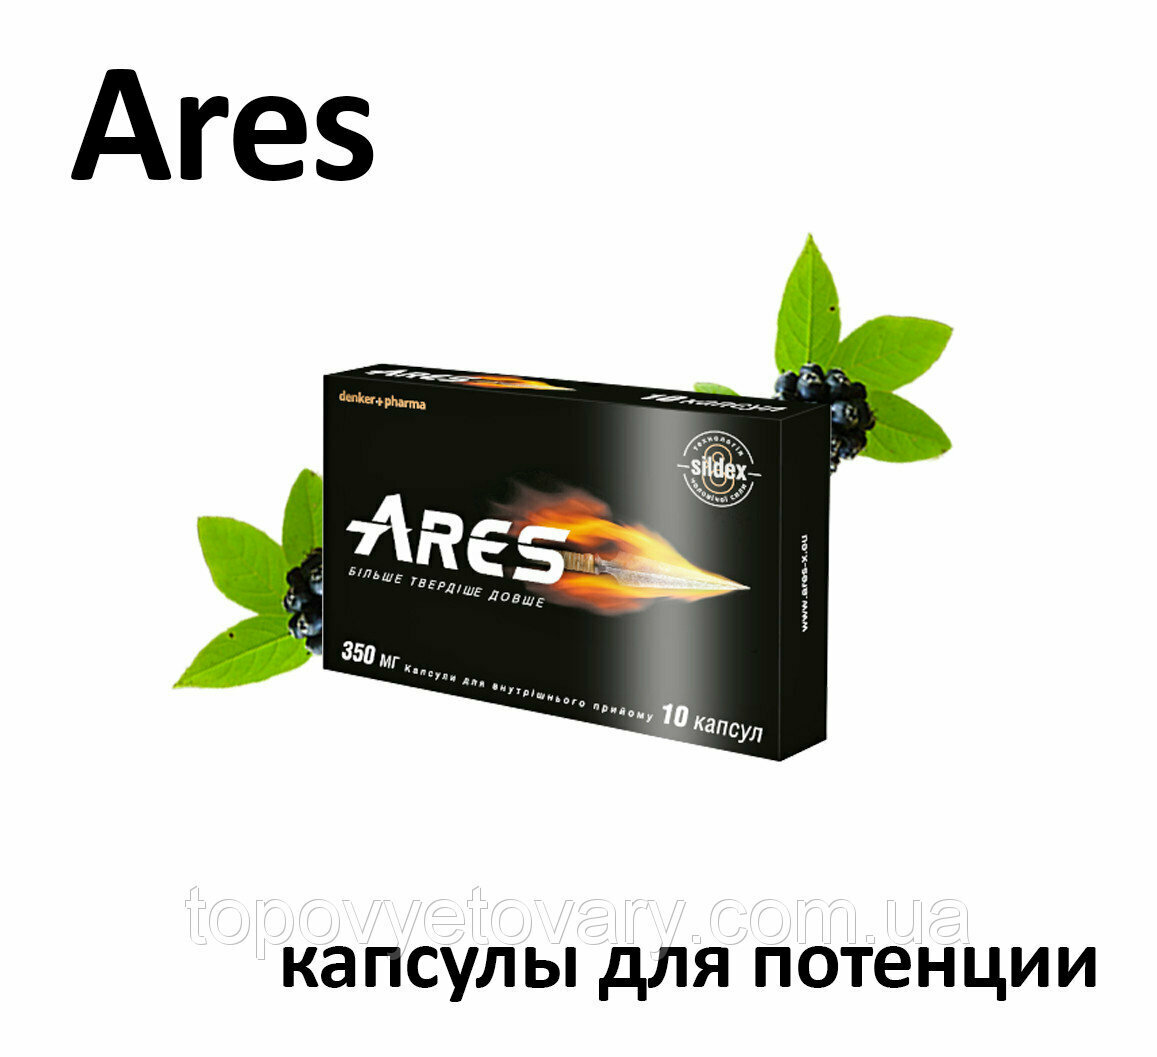 ARES для потенции в Киселёвске